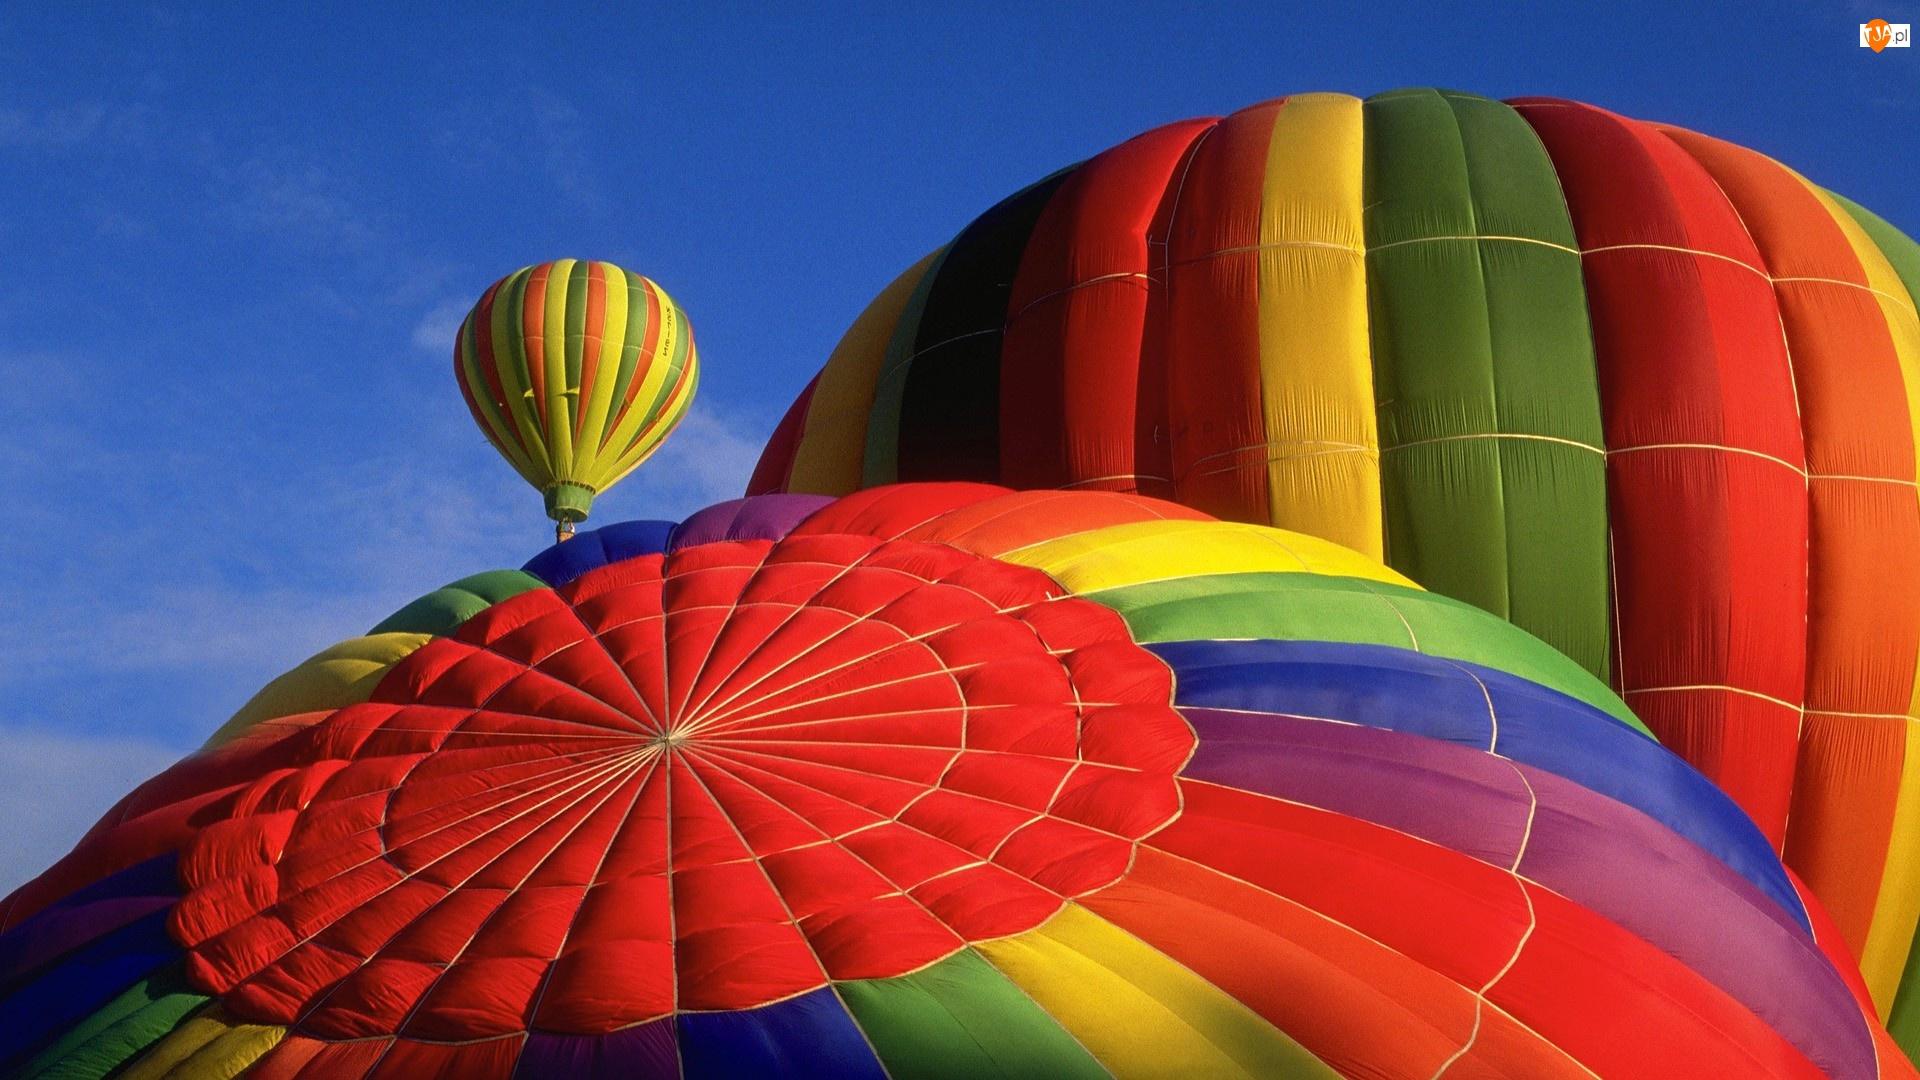 Zawody, Kolorowe, Balony